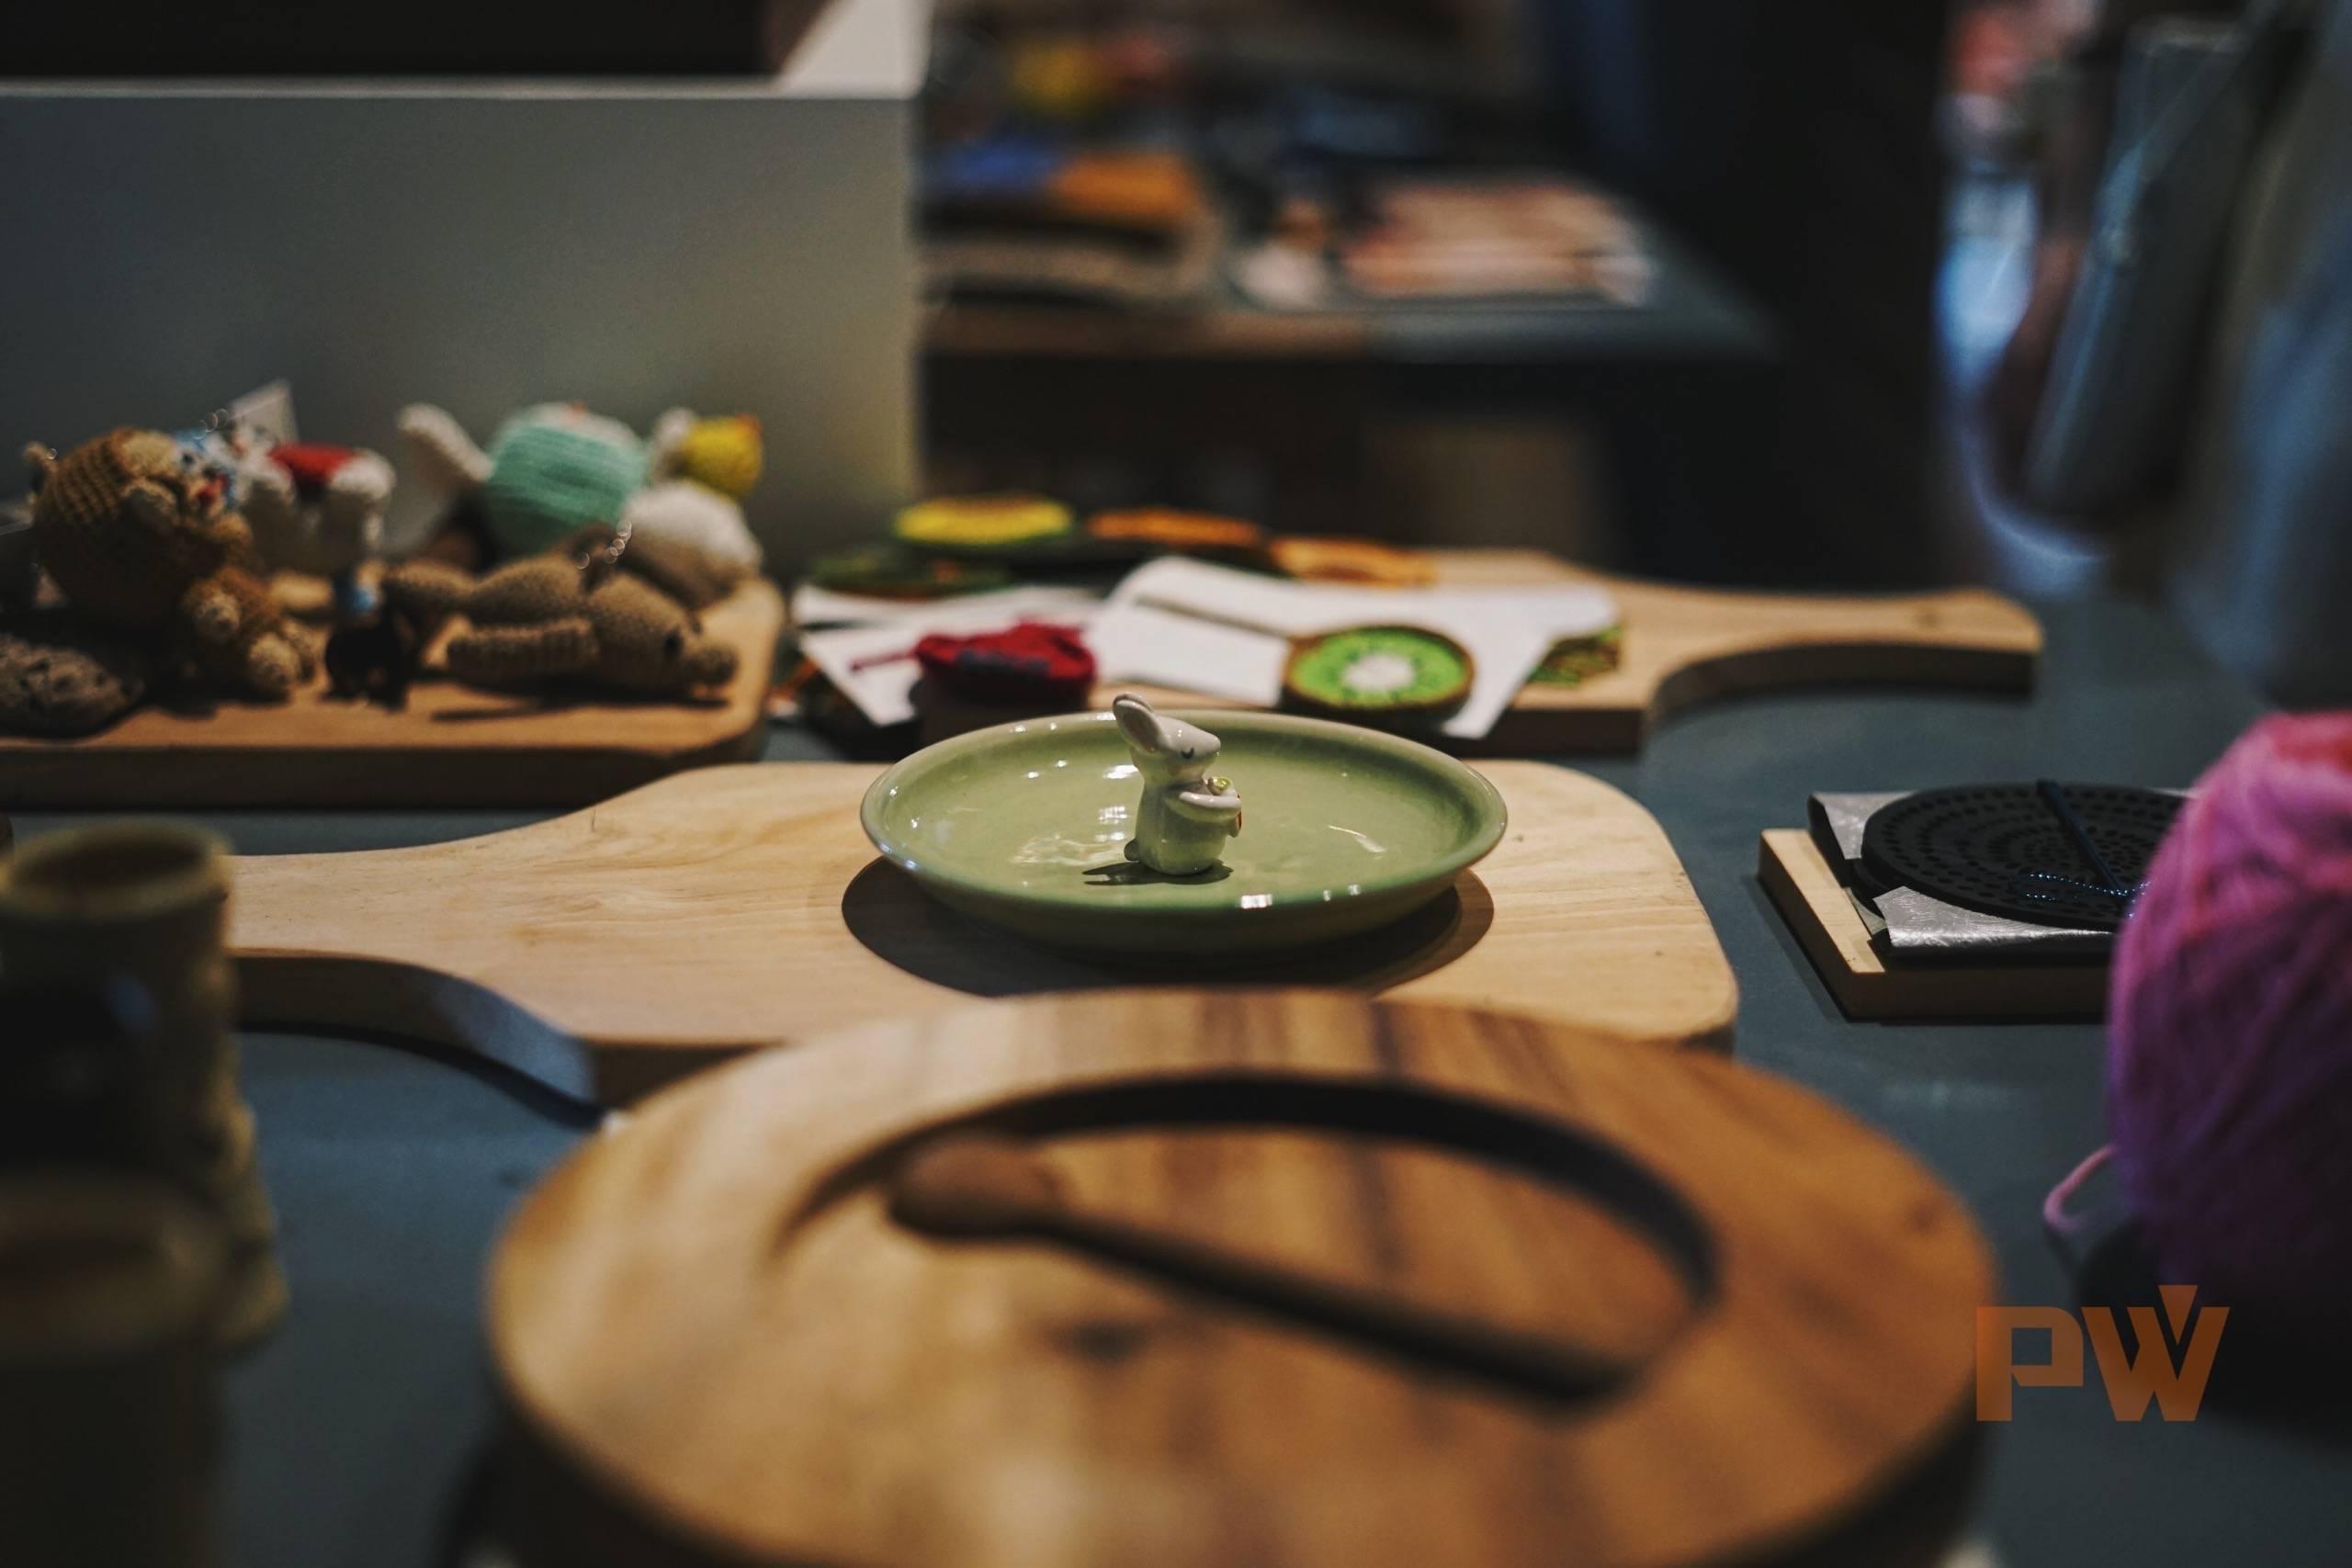 在巴厘岛的共享办公空间 Kumpul 的一角,当地服装和艺术设计师共同拥有一个店铺,联合展示自己设计的文创产品 / 图 by 光谱